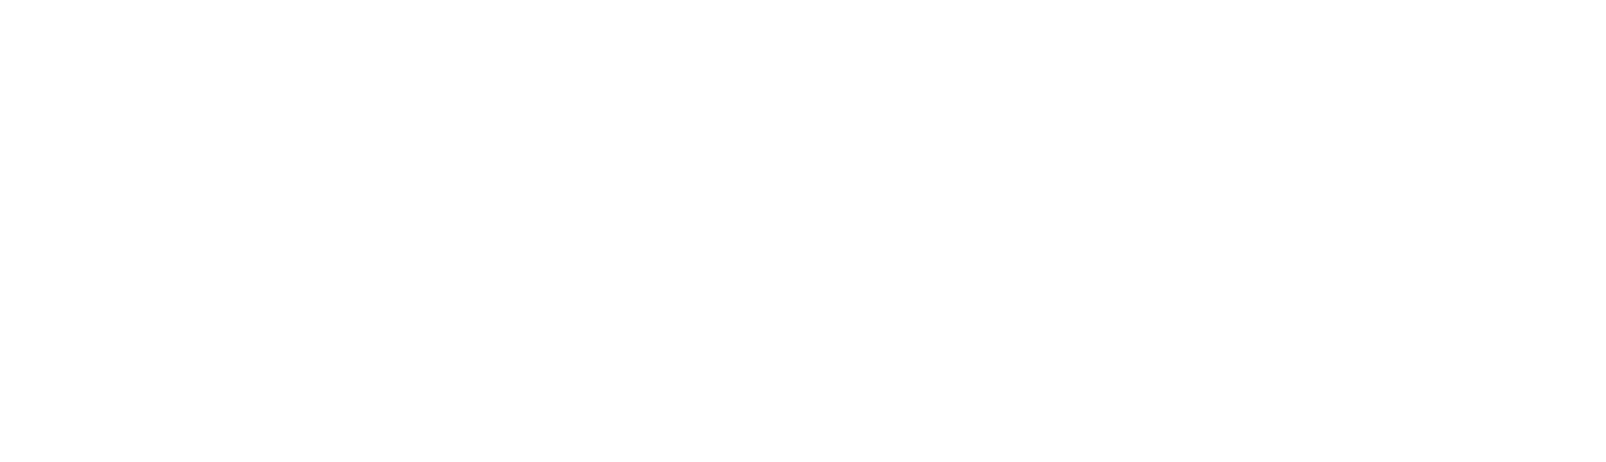 SkaleBid